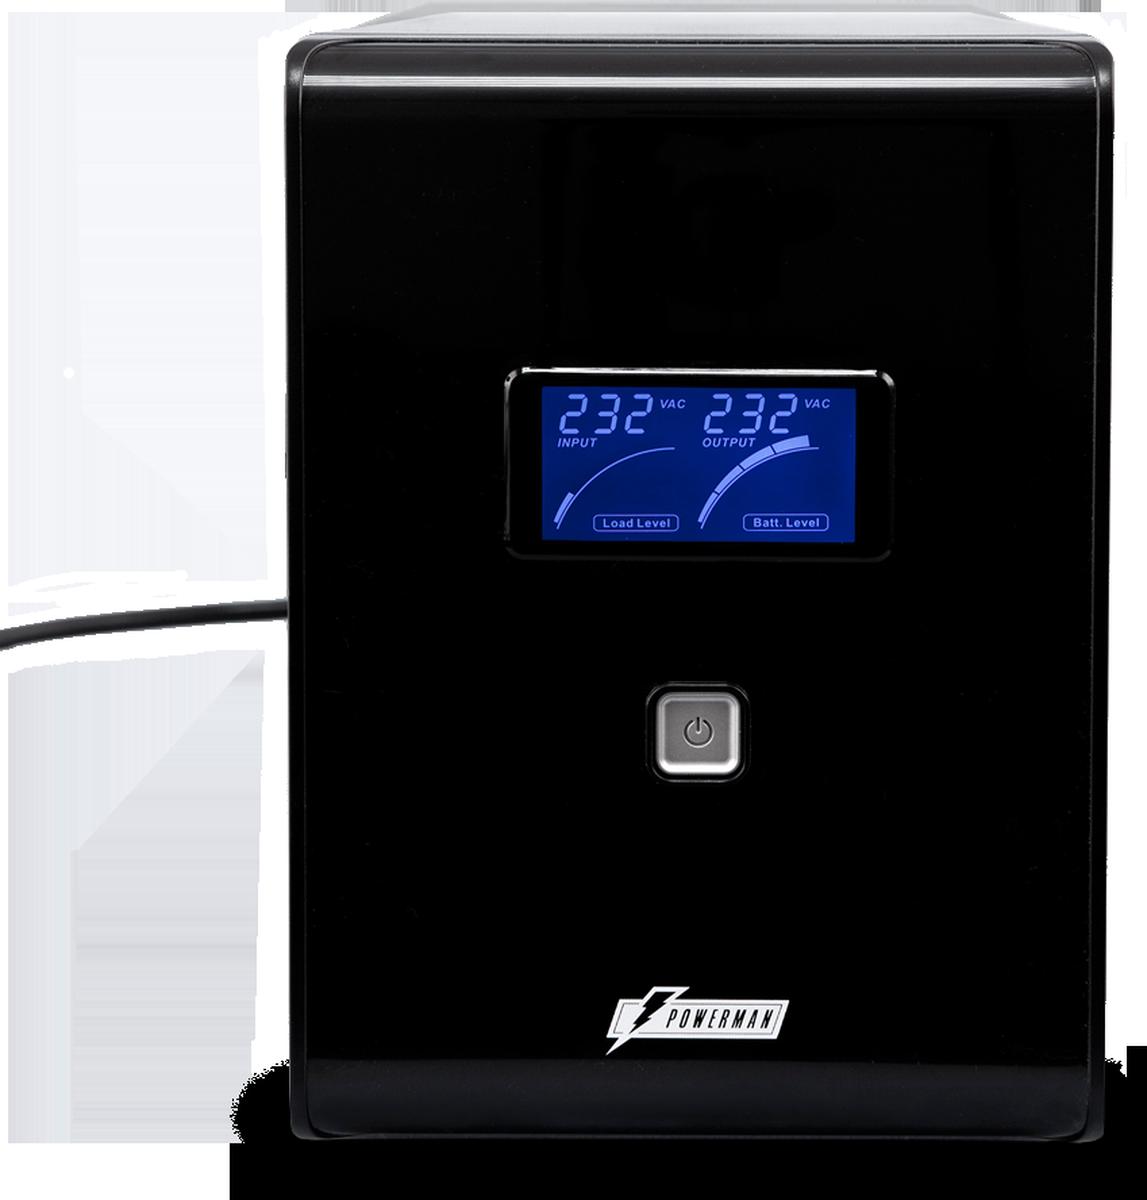 Источник бесперебойного питания Powerman UPS Smart Sine 1500, 1500 ВА источник бесперебойного питания 220в 1500ва smt1500rmi2u